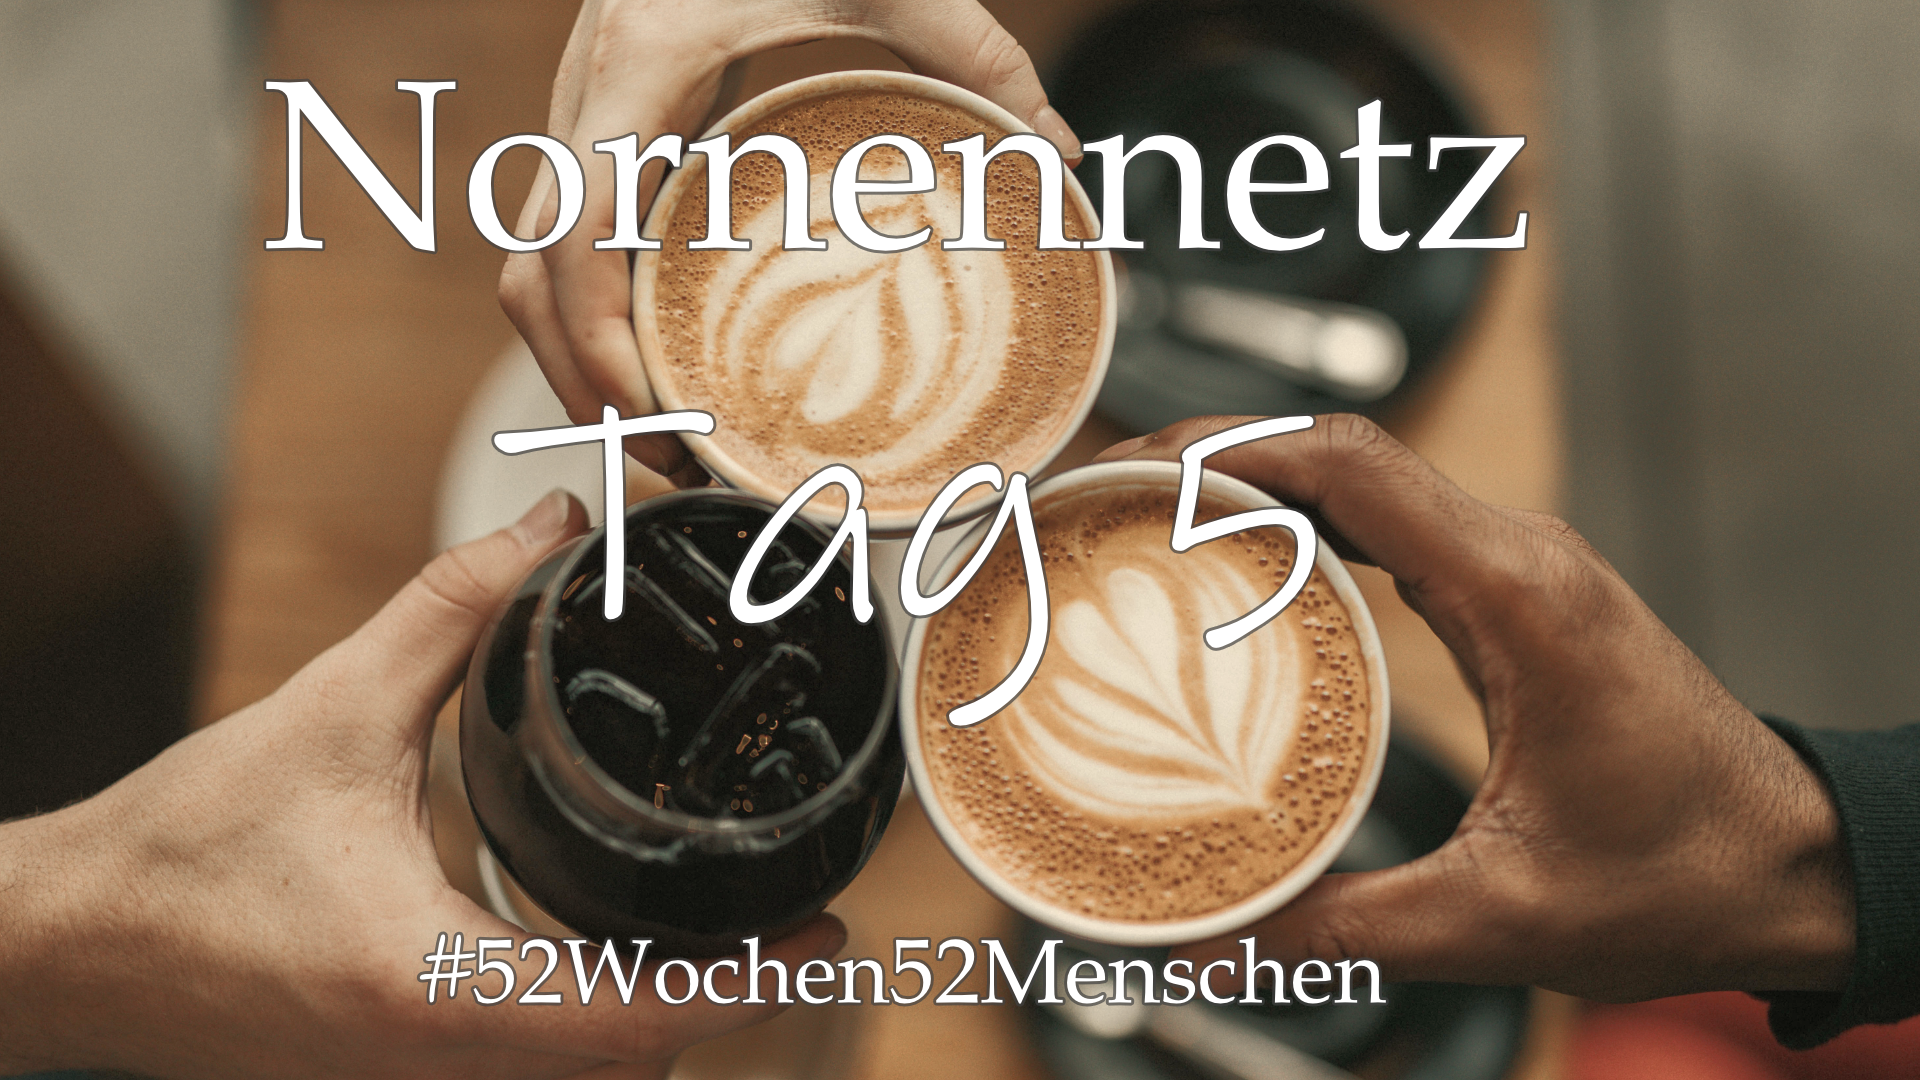 #52Wochen52Menschen: KW2 – Nornennetzwerk- Tag 5